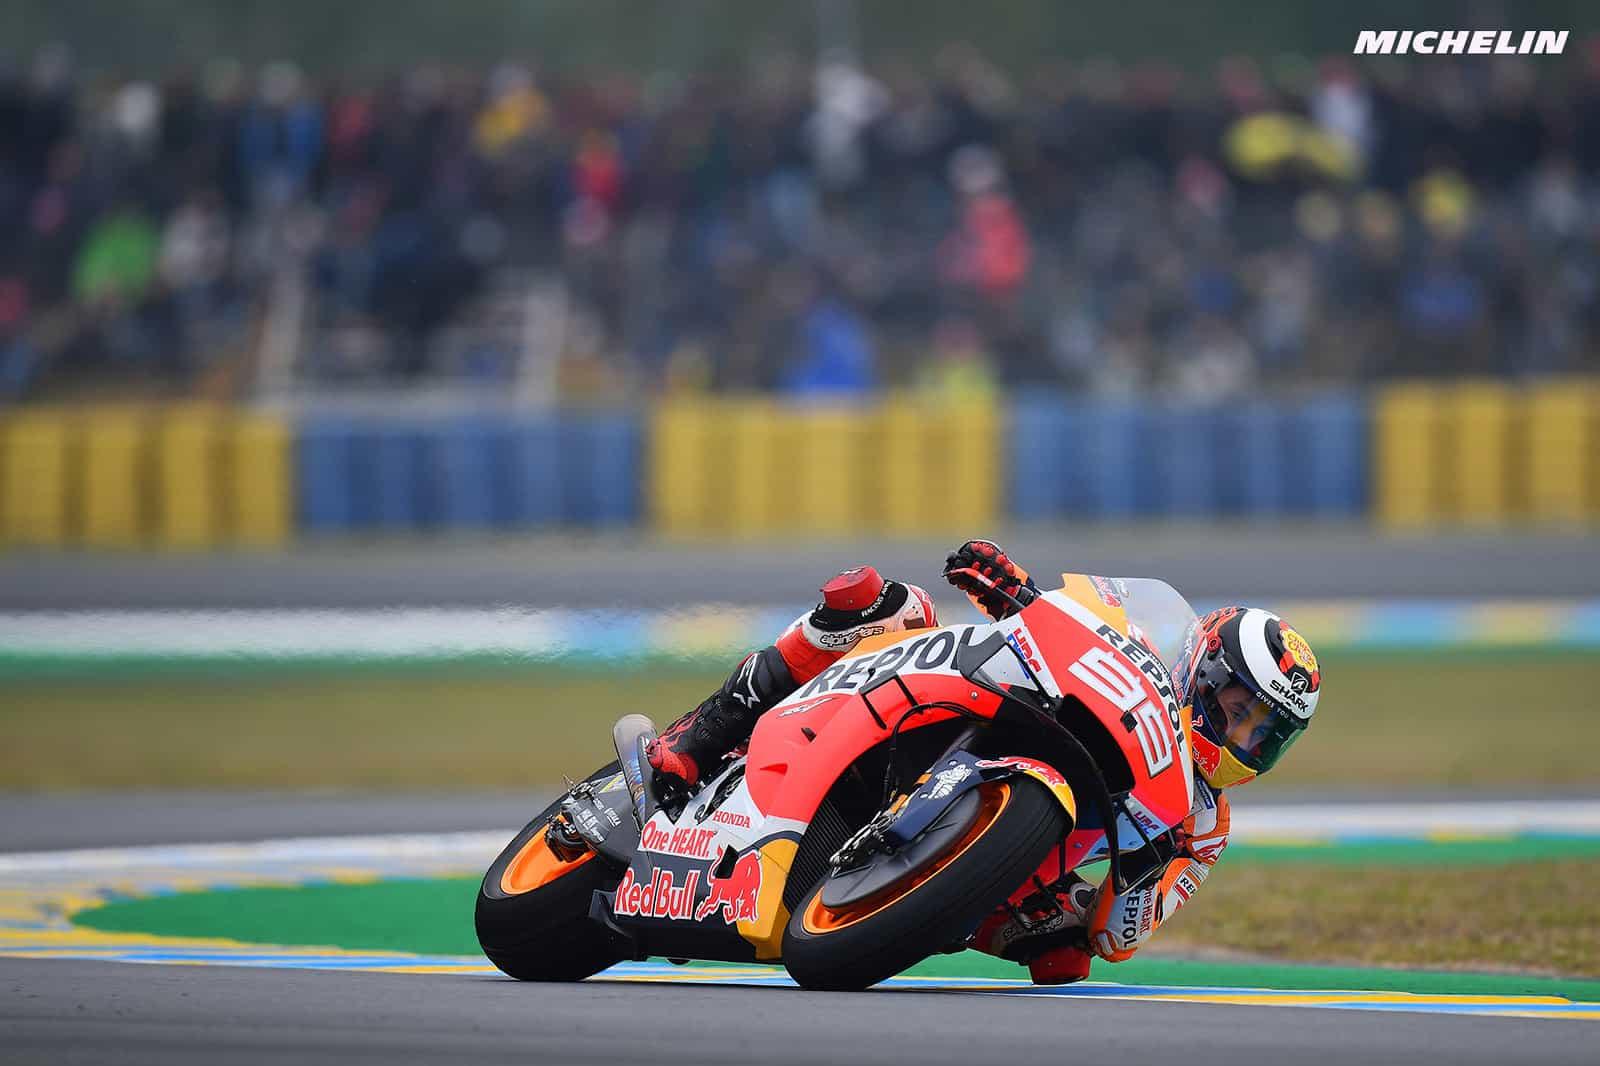 MotoGP2019フランスGP 予選8位ロレンソ「最初にミディアムを履けば2列目を獲得出来ただろう」